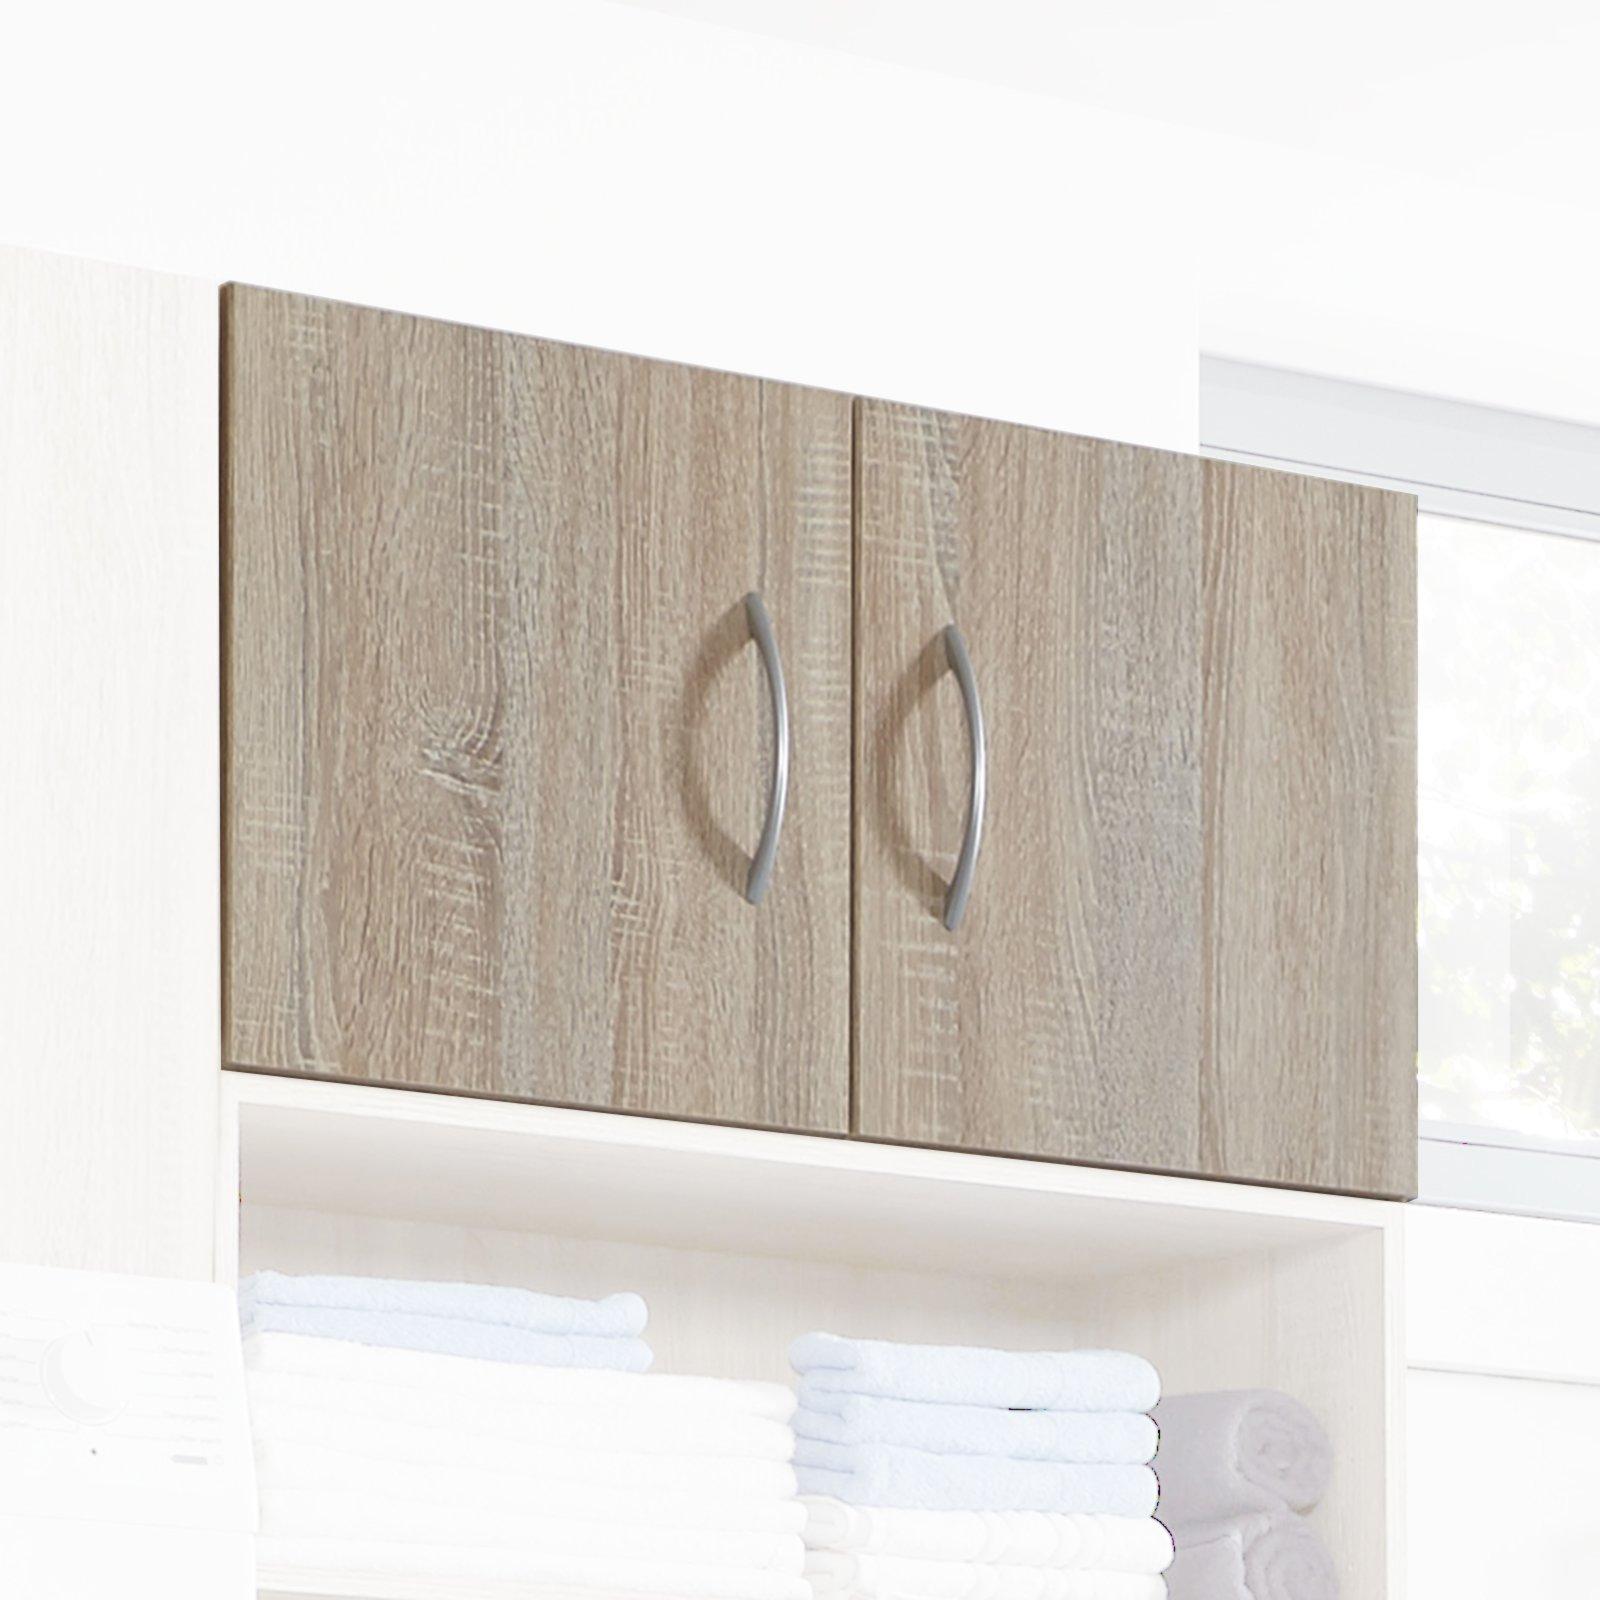 aufsatz multiraumkonzept eiche s gerau 80x40x40 cm. Black Bedroom Furniture Sets. Home Design Ideas